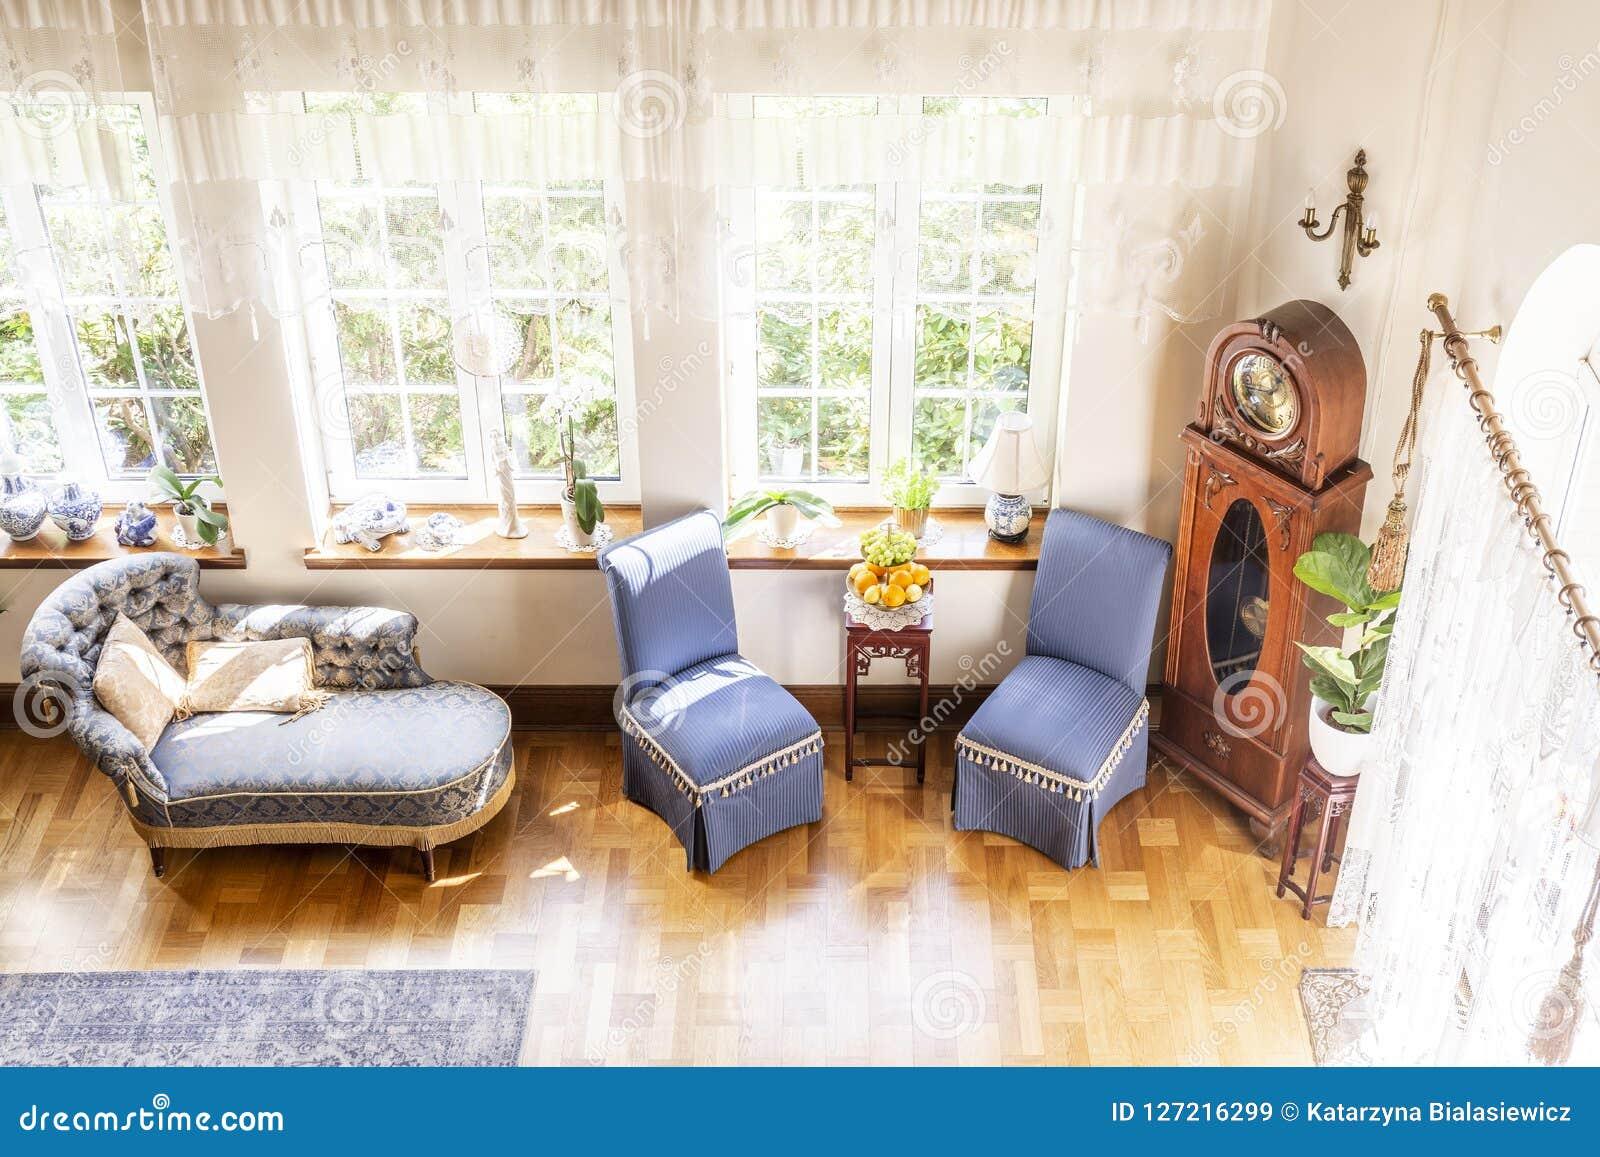 Υψηλή γωνία ενός ασημένιου σαλονιού, μπλε καρεκλών και ενός ξύλινου ρολογιού stan